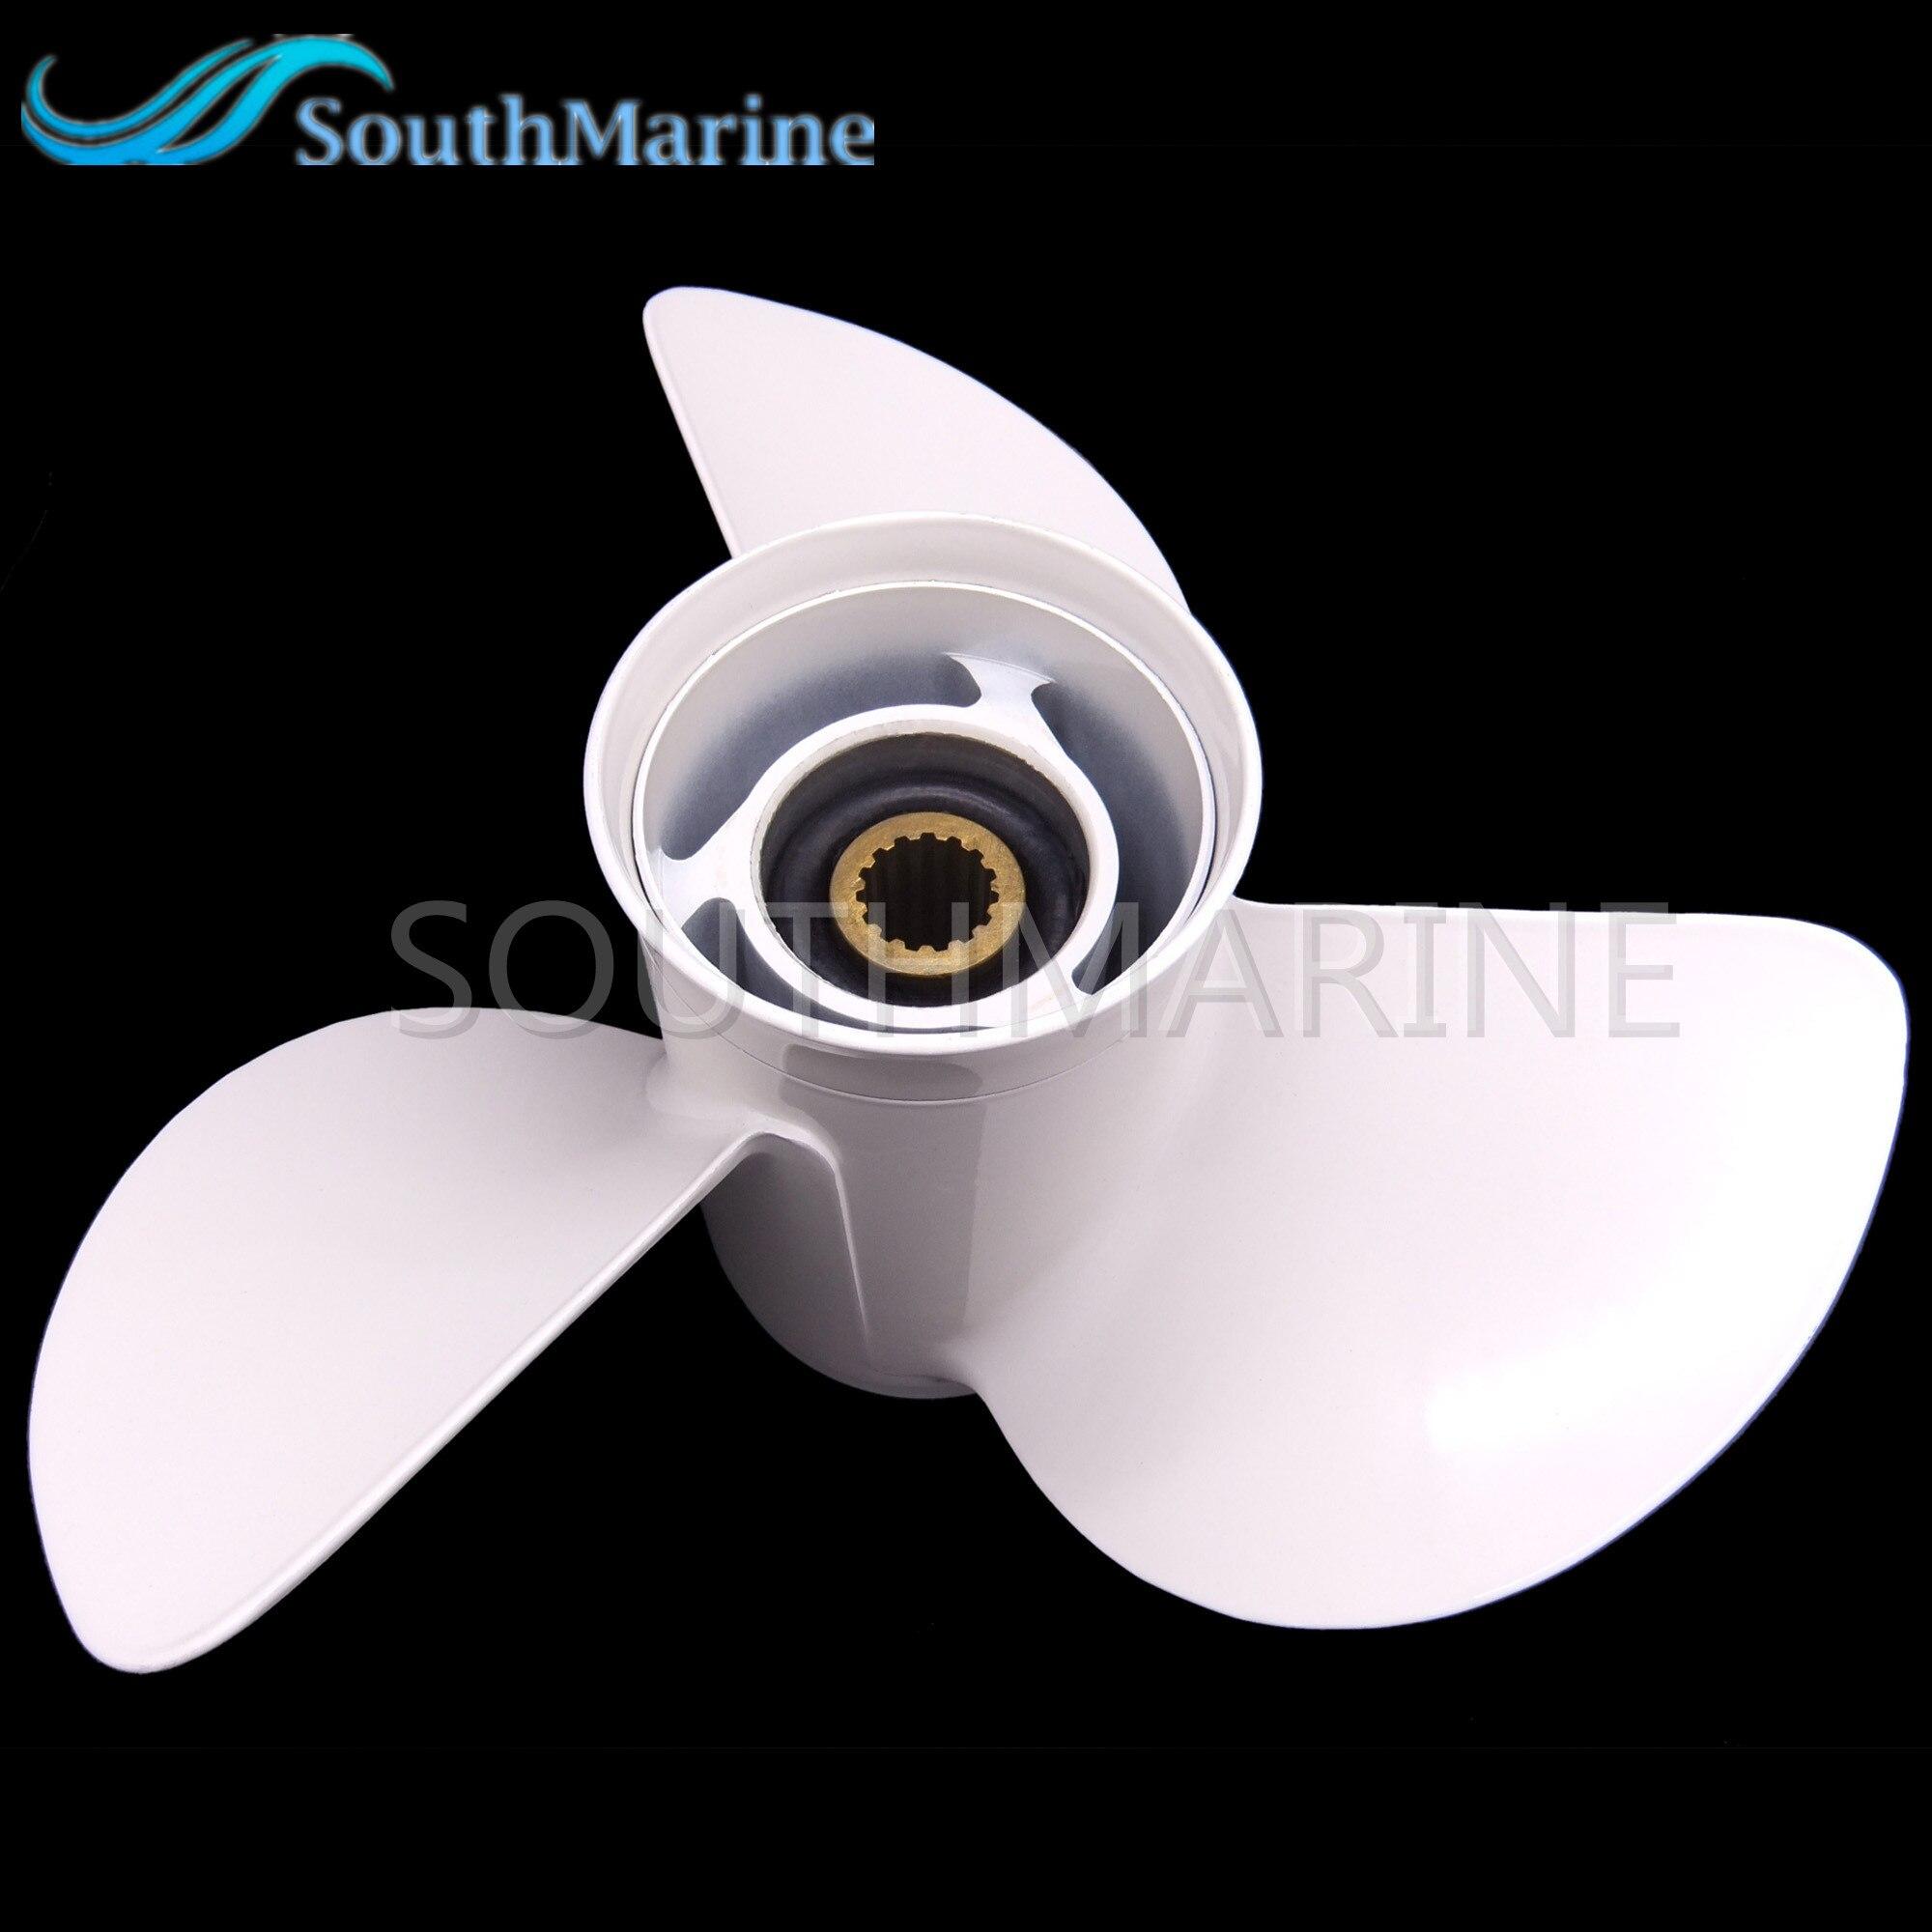 Aluminum Propeller 13 1/4x17 K for Yamaha 50HP 60HP 70HP 75HP 80HP 85HP 90P 100HP 115HP 130HP Outboard Motor,Free Shipping